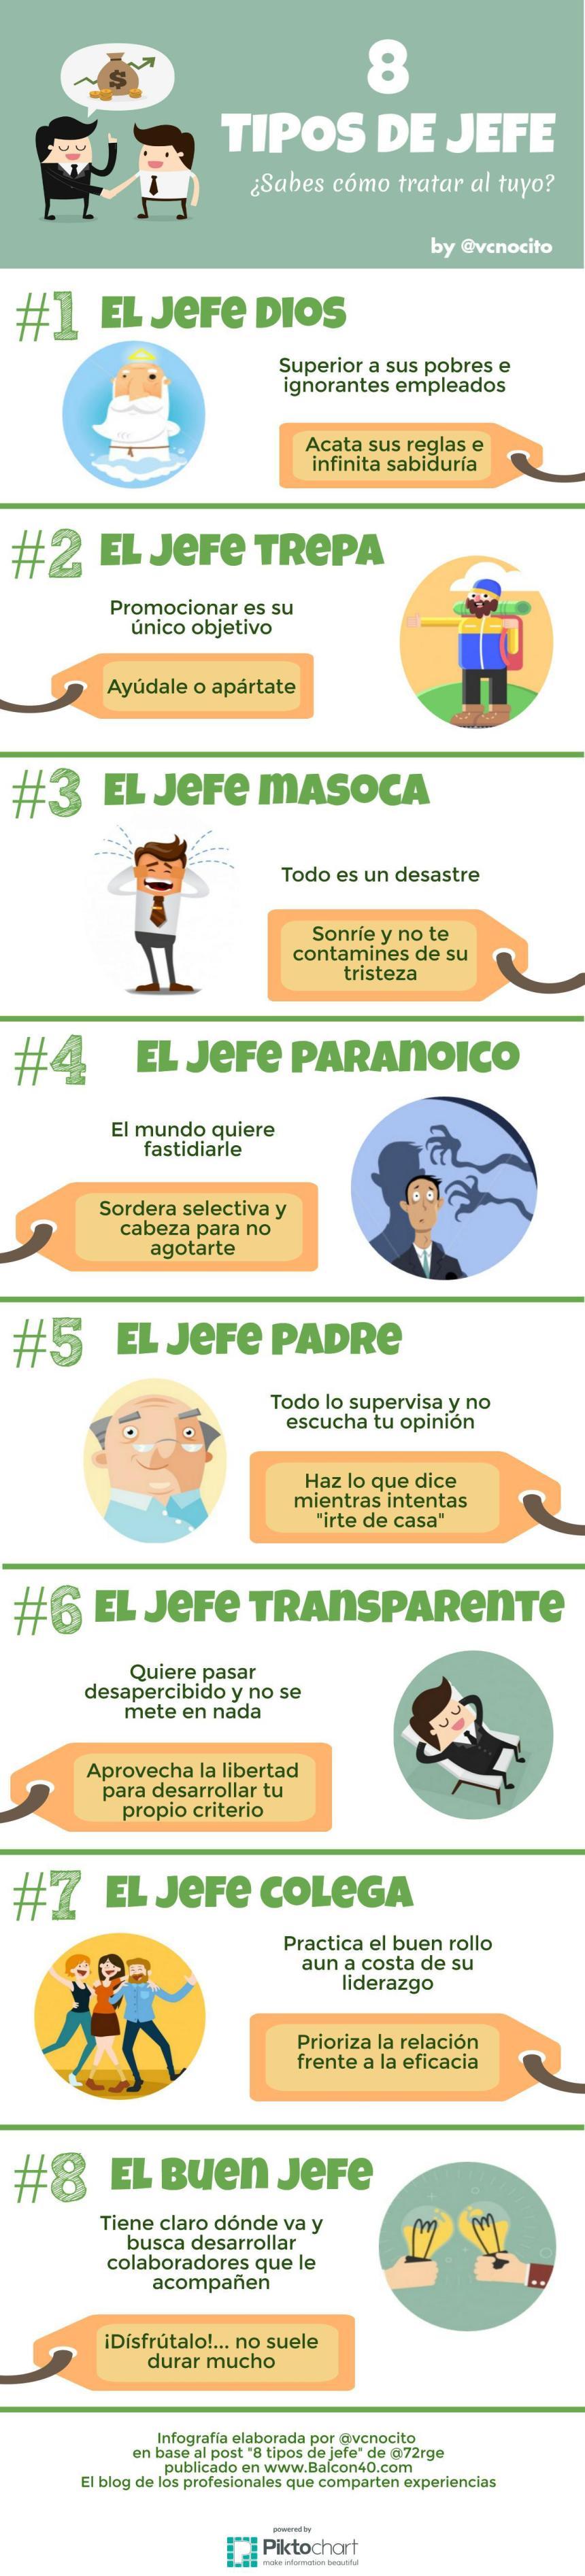 8-tipos-de-jefe-infografia